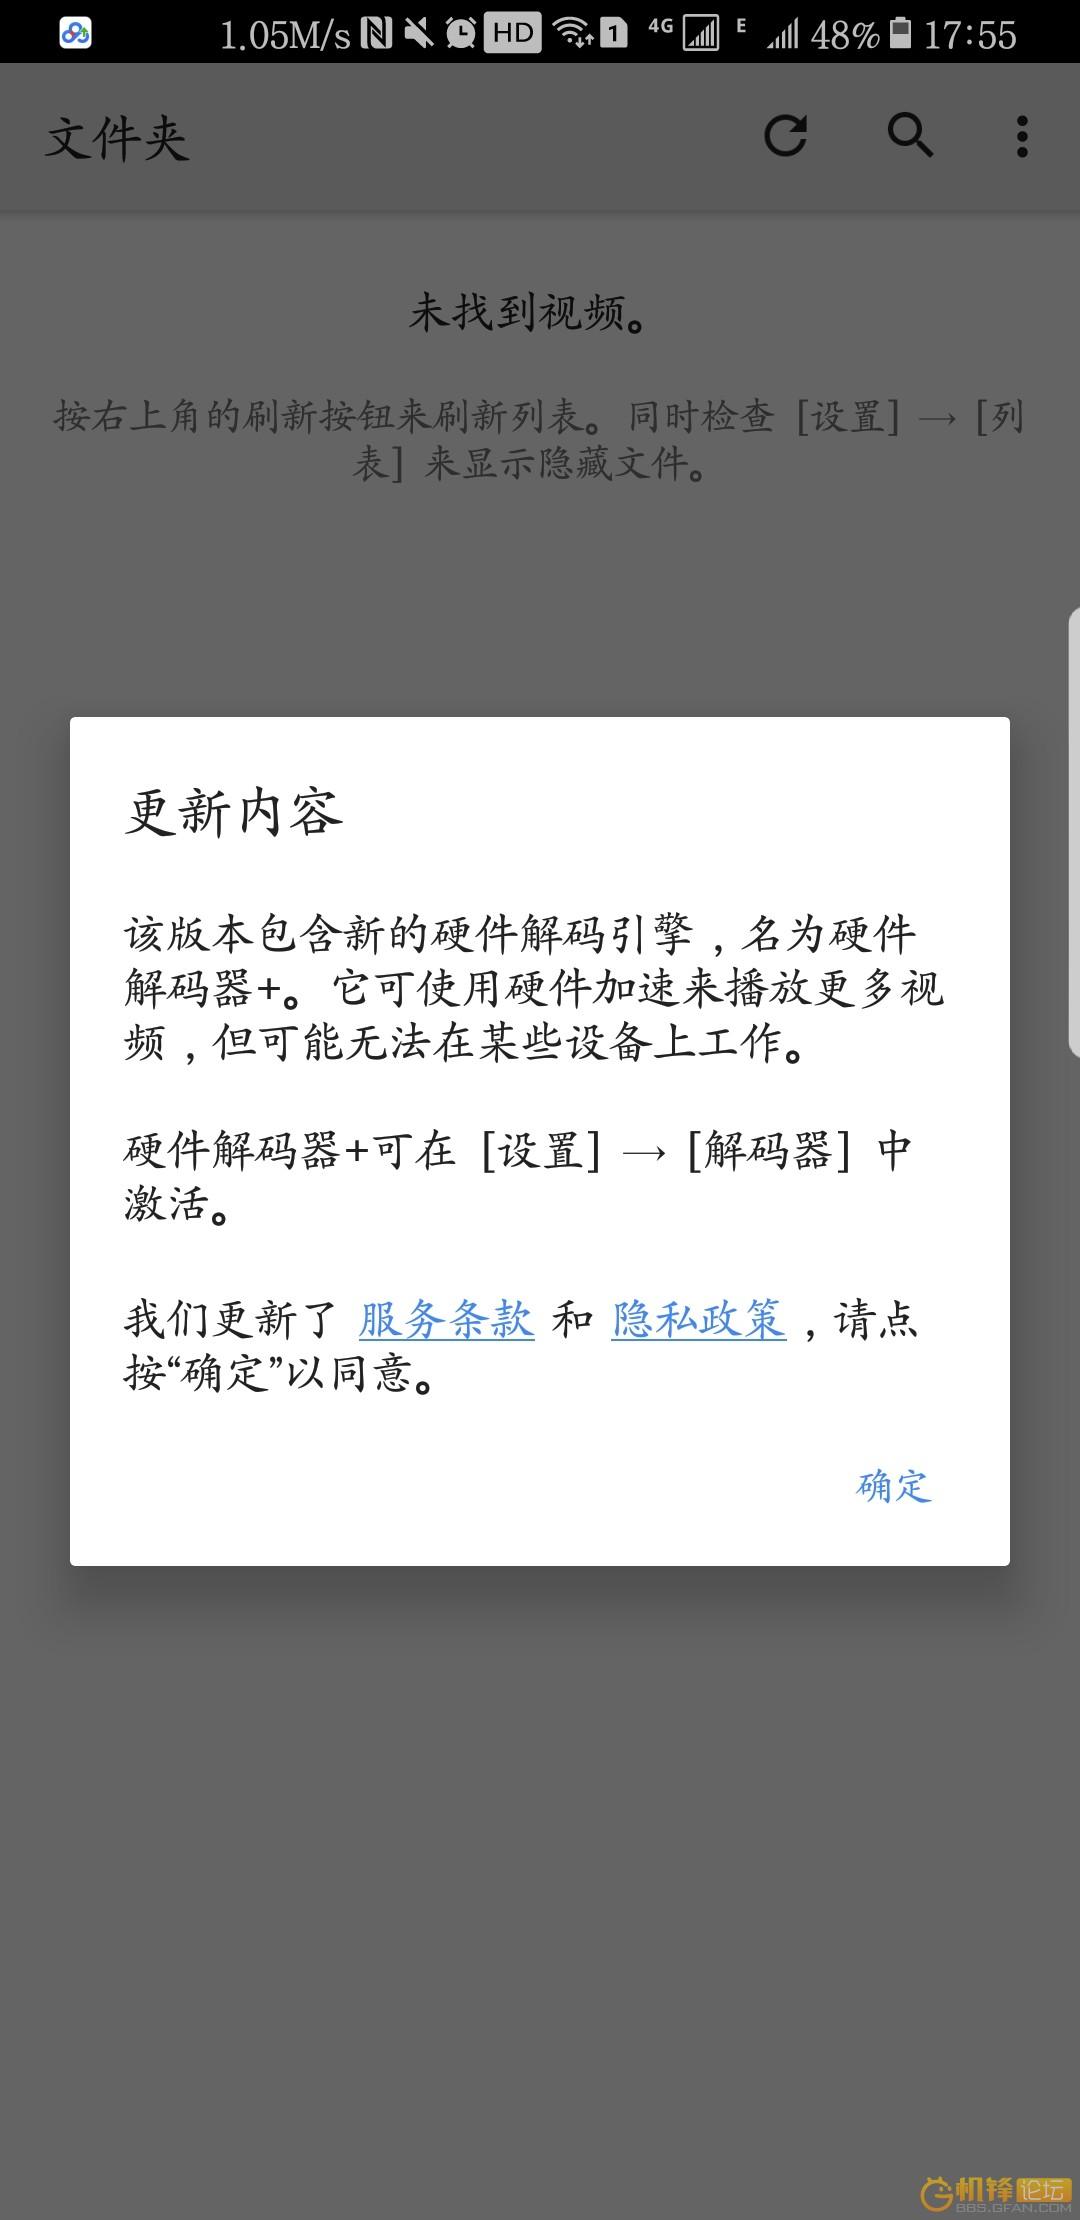 Screenshot_20180104-175512.jpg